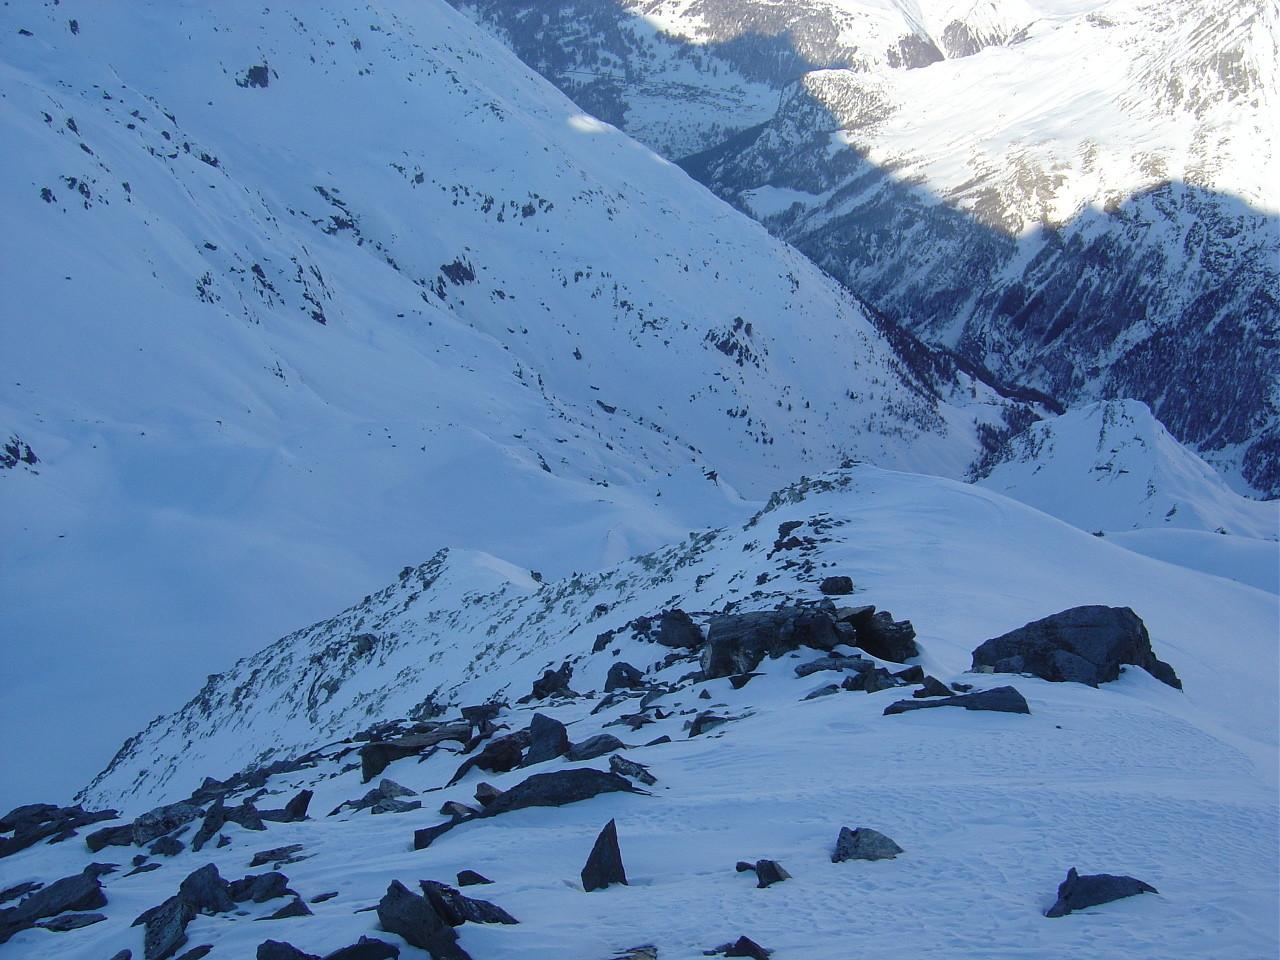 Départ de la ligne à gauche de la bosse neigeuse